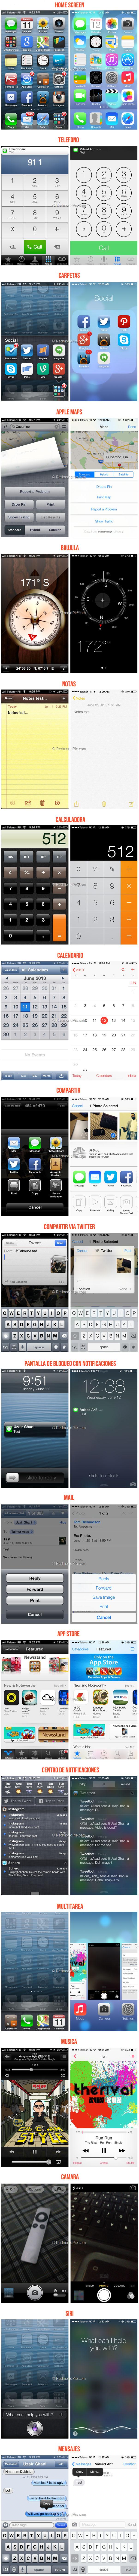 cambio de diseño de iOS 7 en imagenes